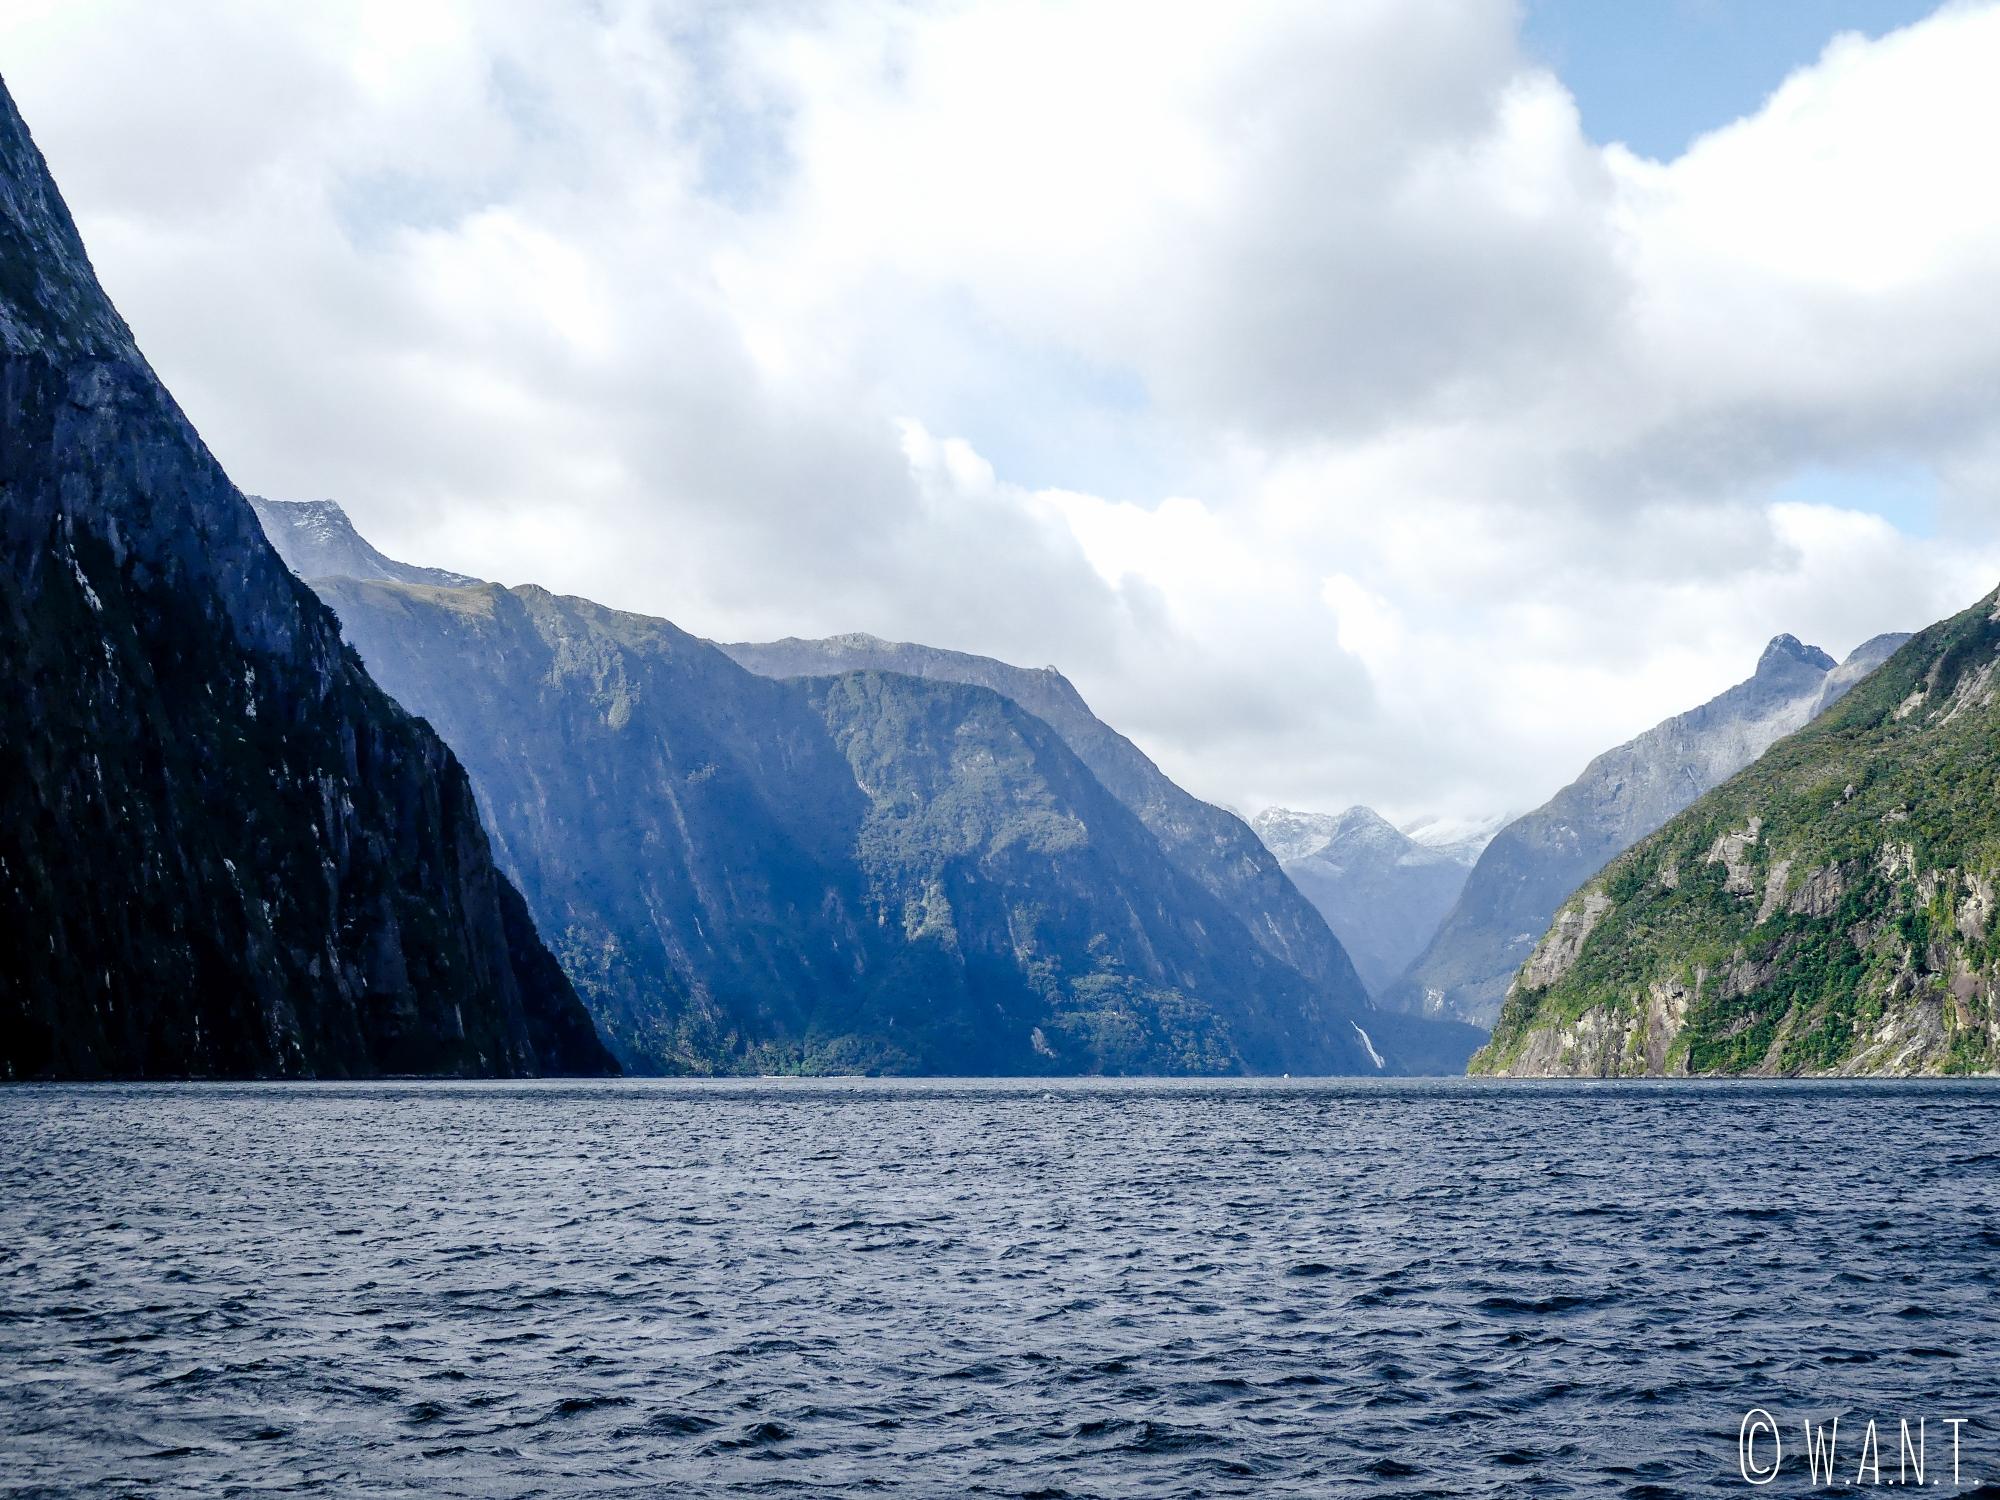 Paysage magnifique du Milford Sound en Nouvelle-Zélande